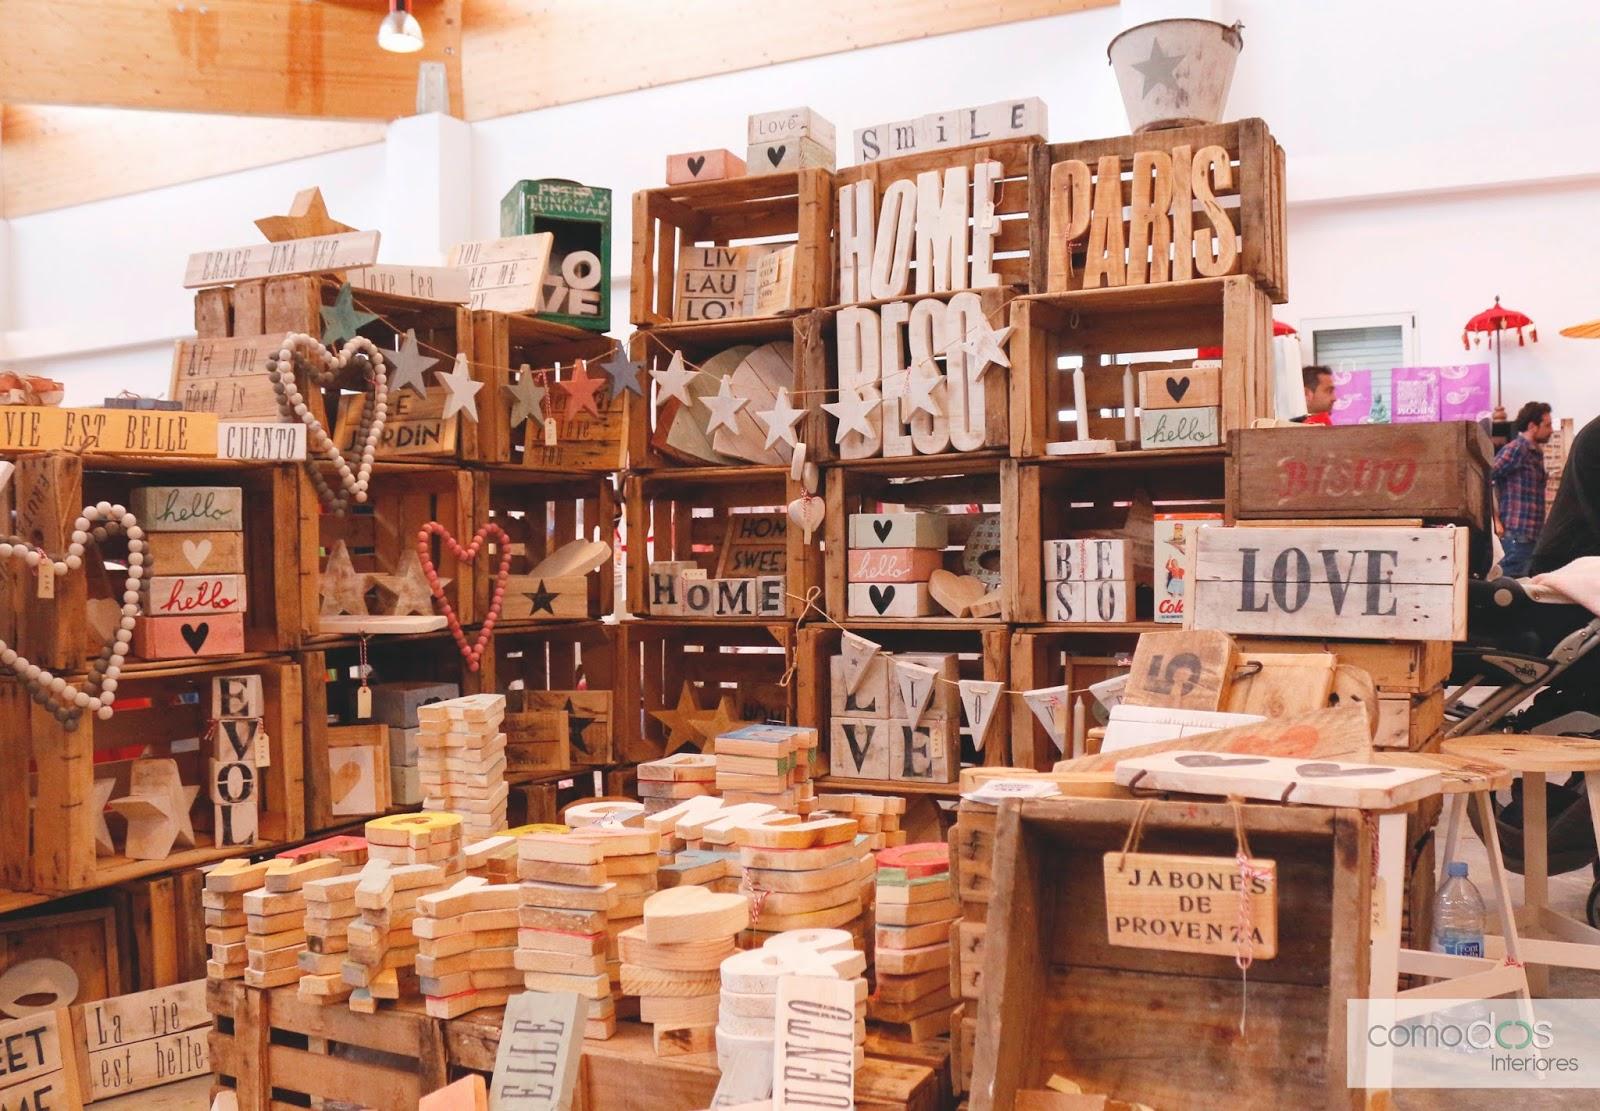 RETROALMACEN Tienda online de antigüedades, vintage